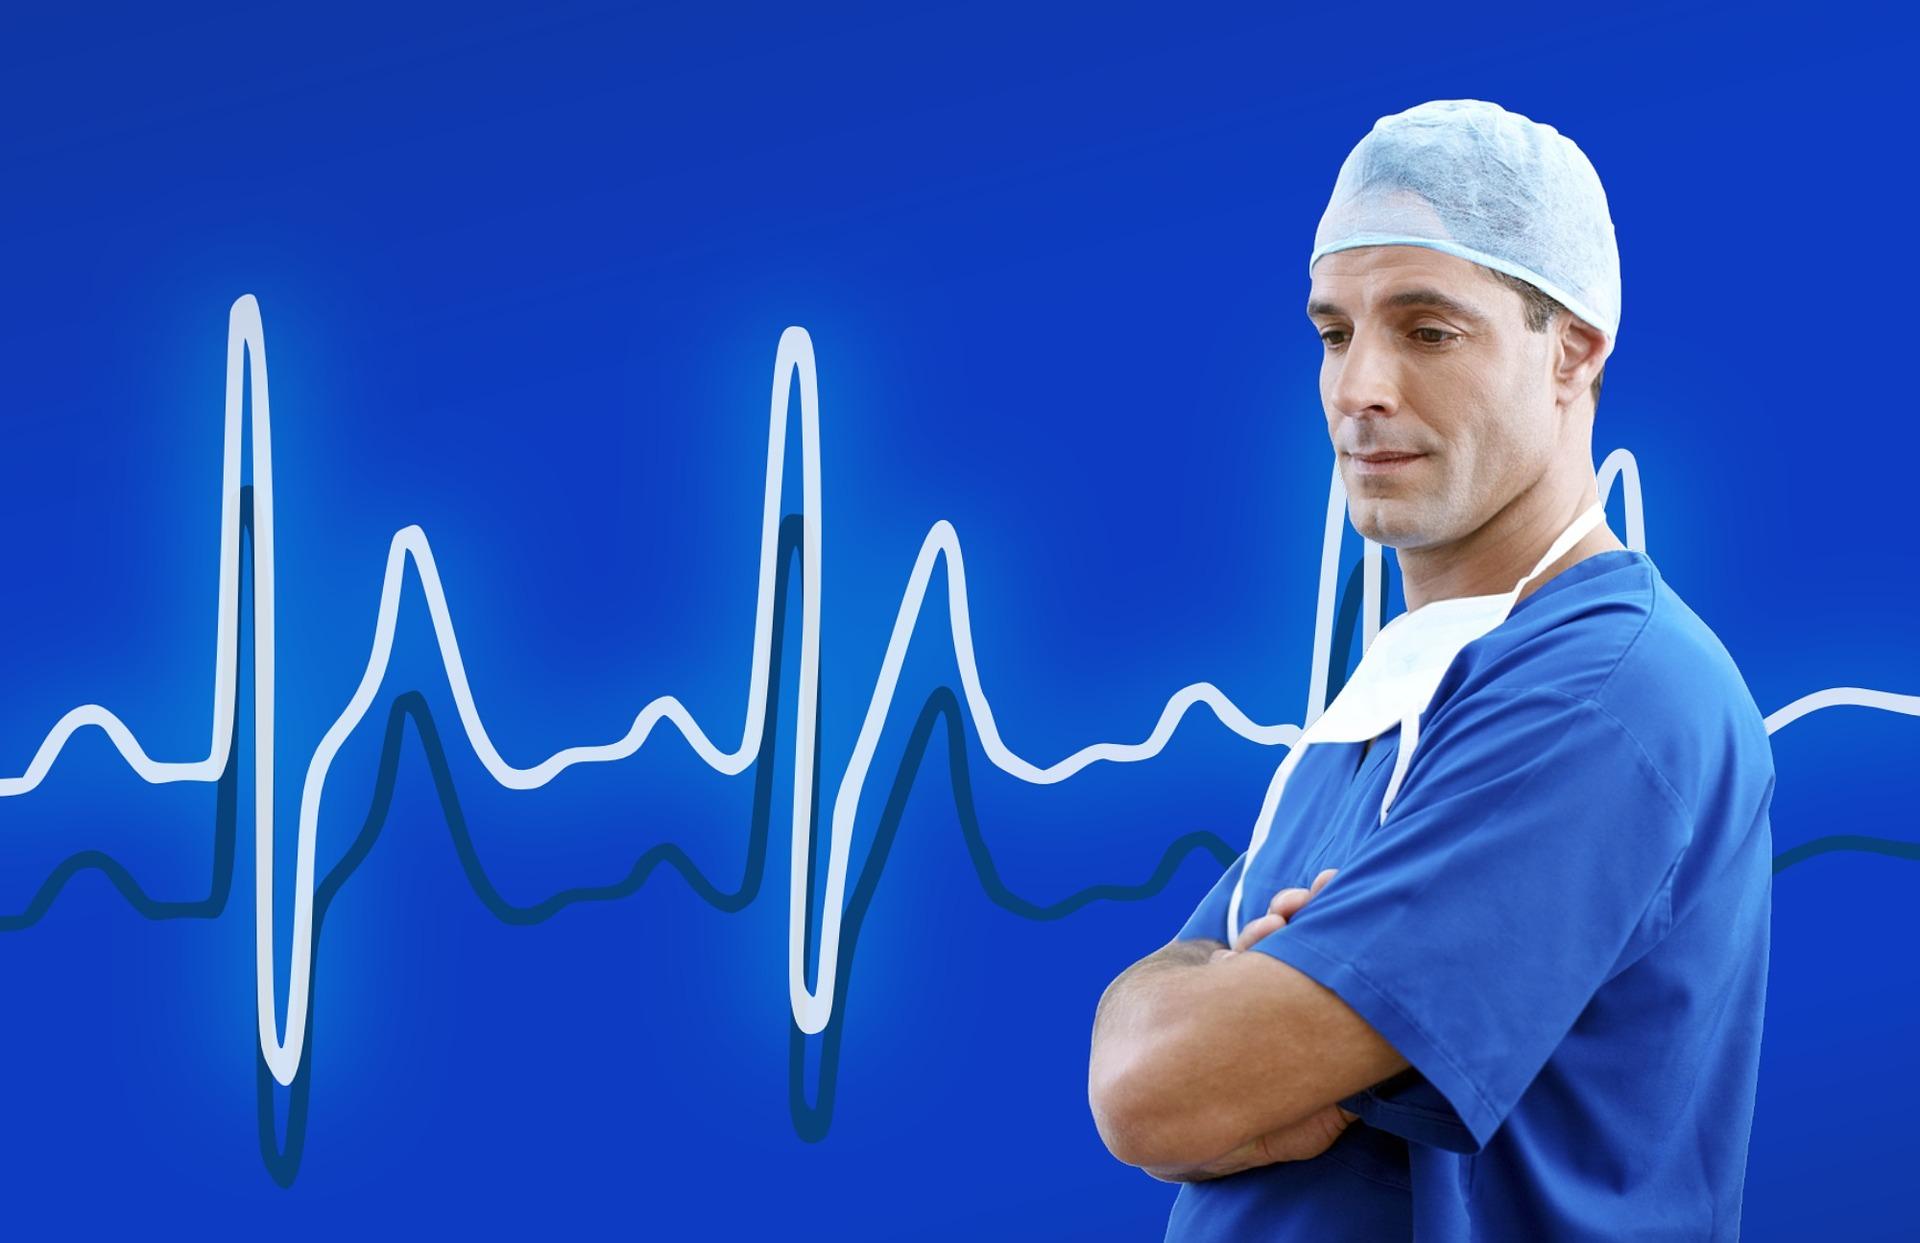 Национална стратегия за обезпечаване с медицински кадри ще спаси здравеопазването